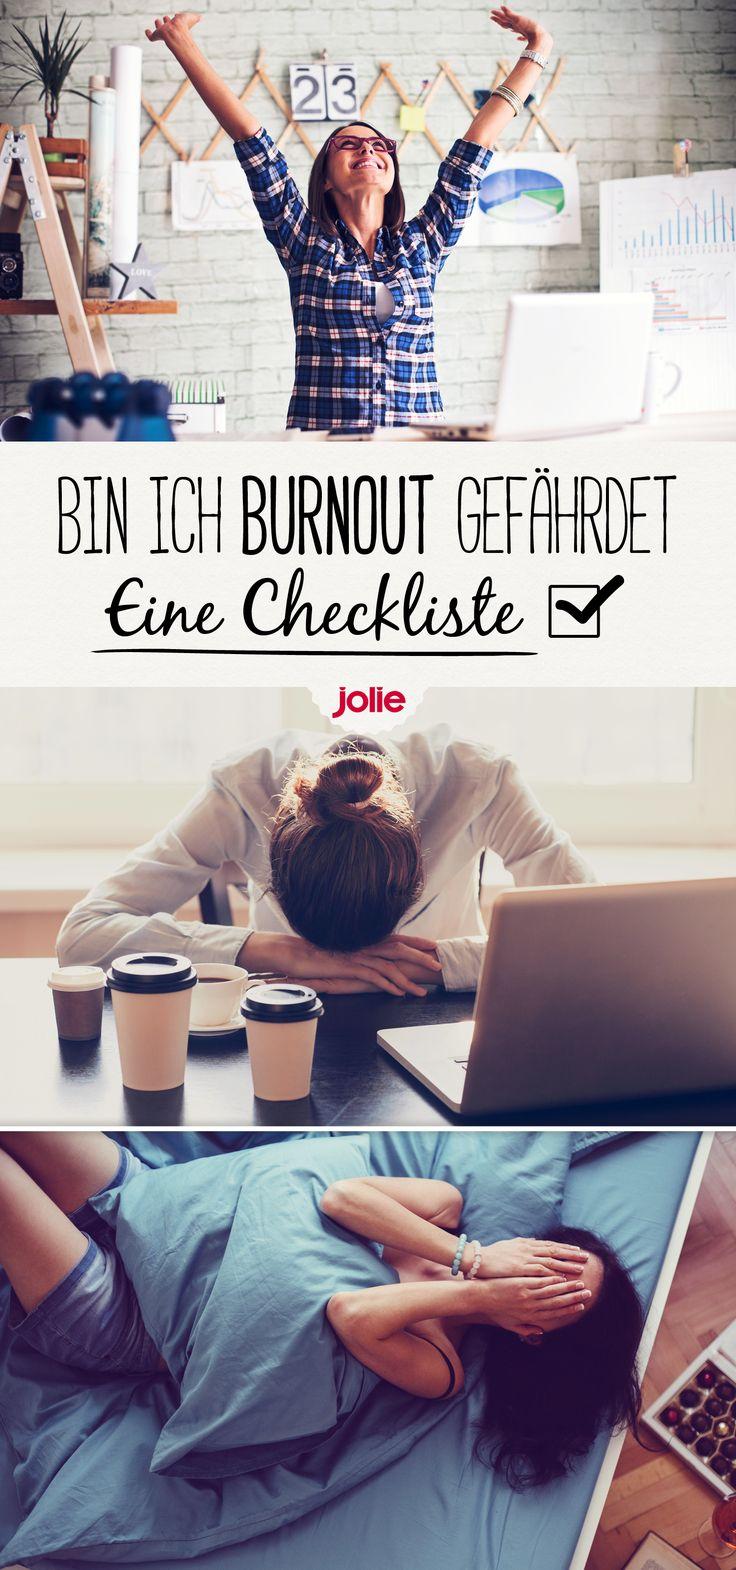 Diese Checkliste zeigt die frühesten Symptome und Vorzeichen eines Burnouts